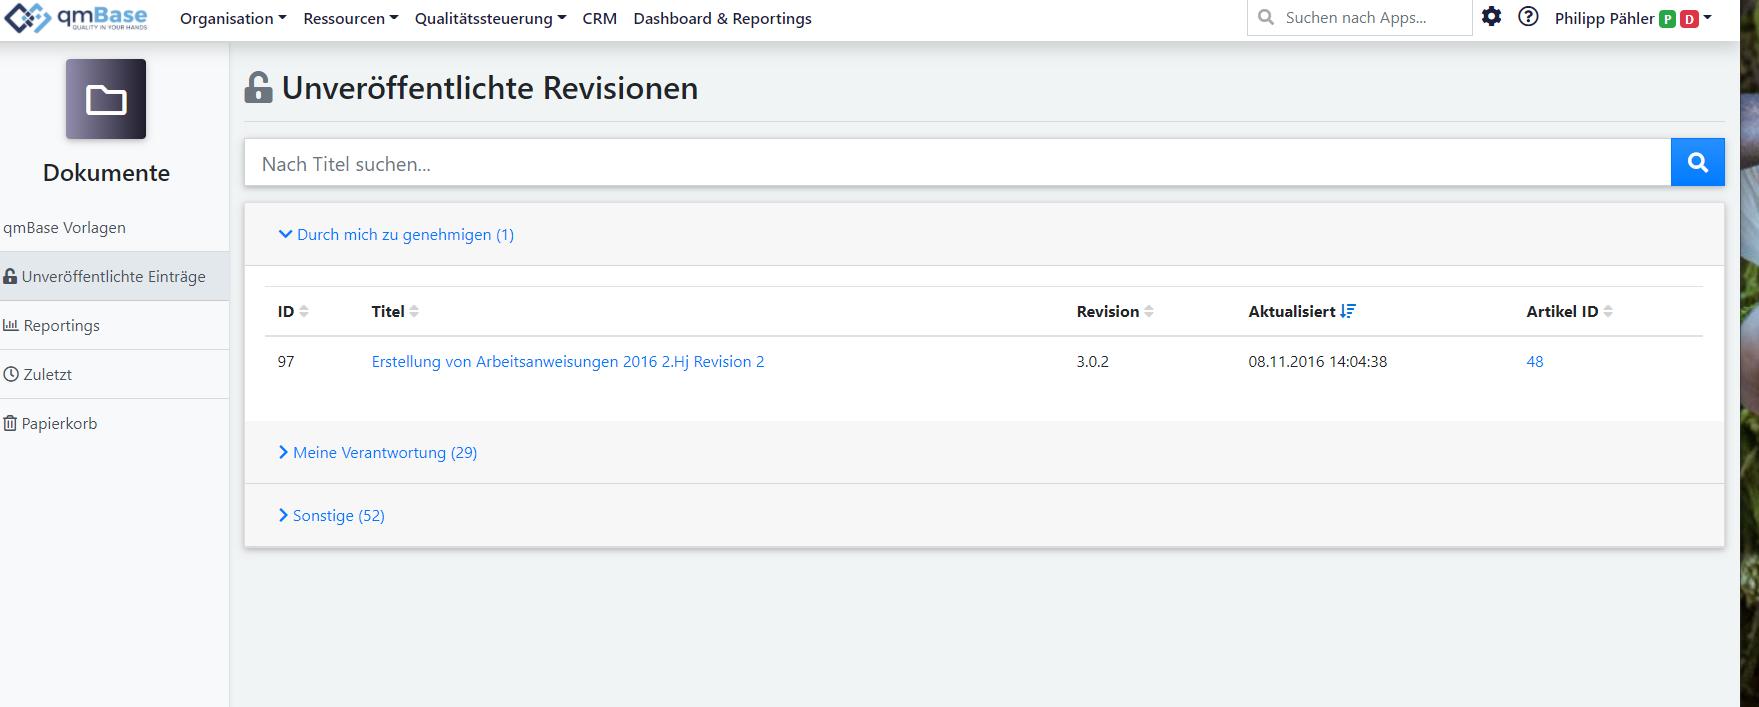 Überarbeitete Version der Auflistung von unveröffentlichten Revisionen im Dokumentenmanagement